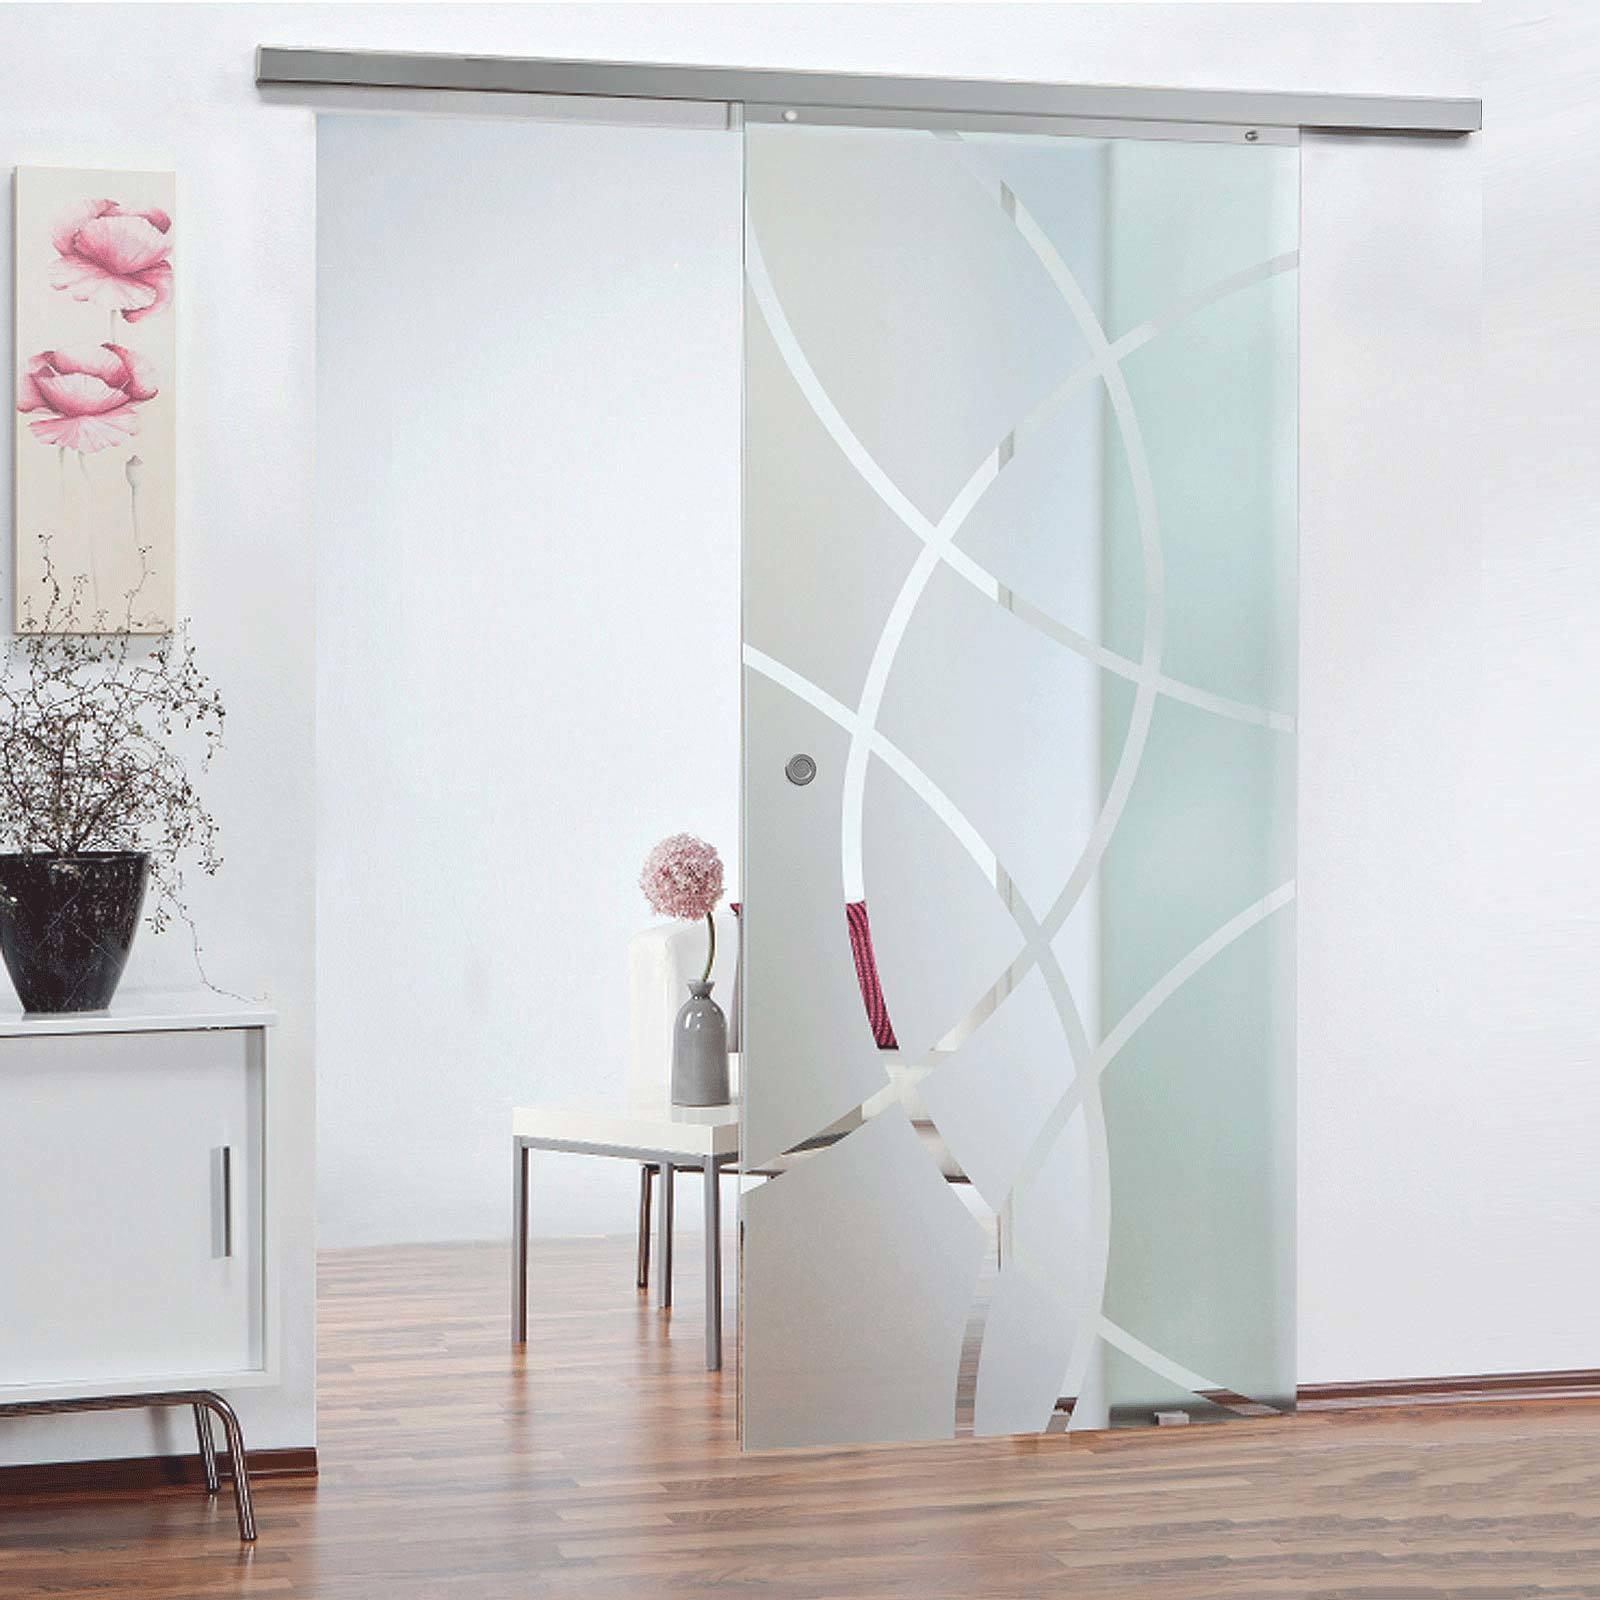 Portes intérieures coulissantes en verre – transparentes et élégantes